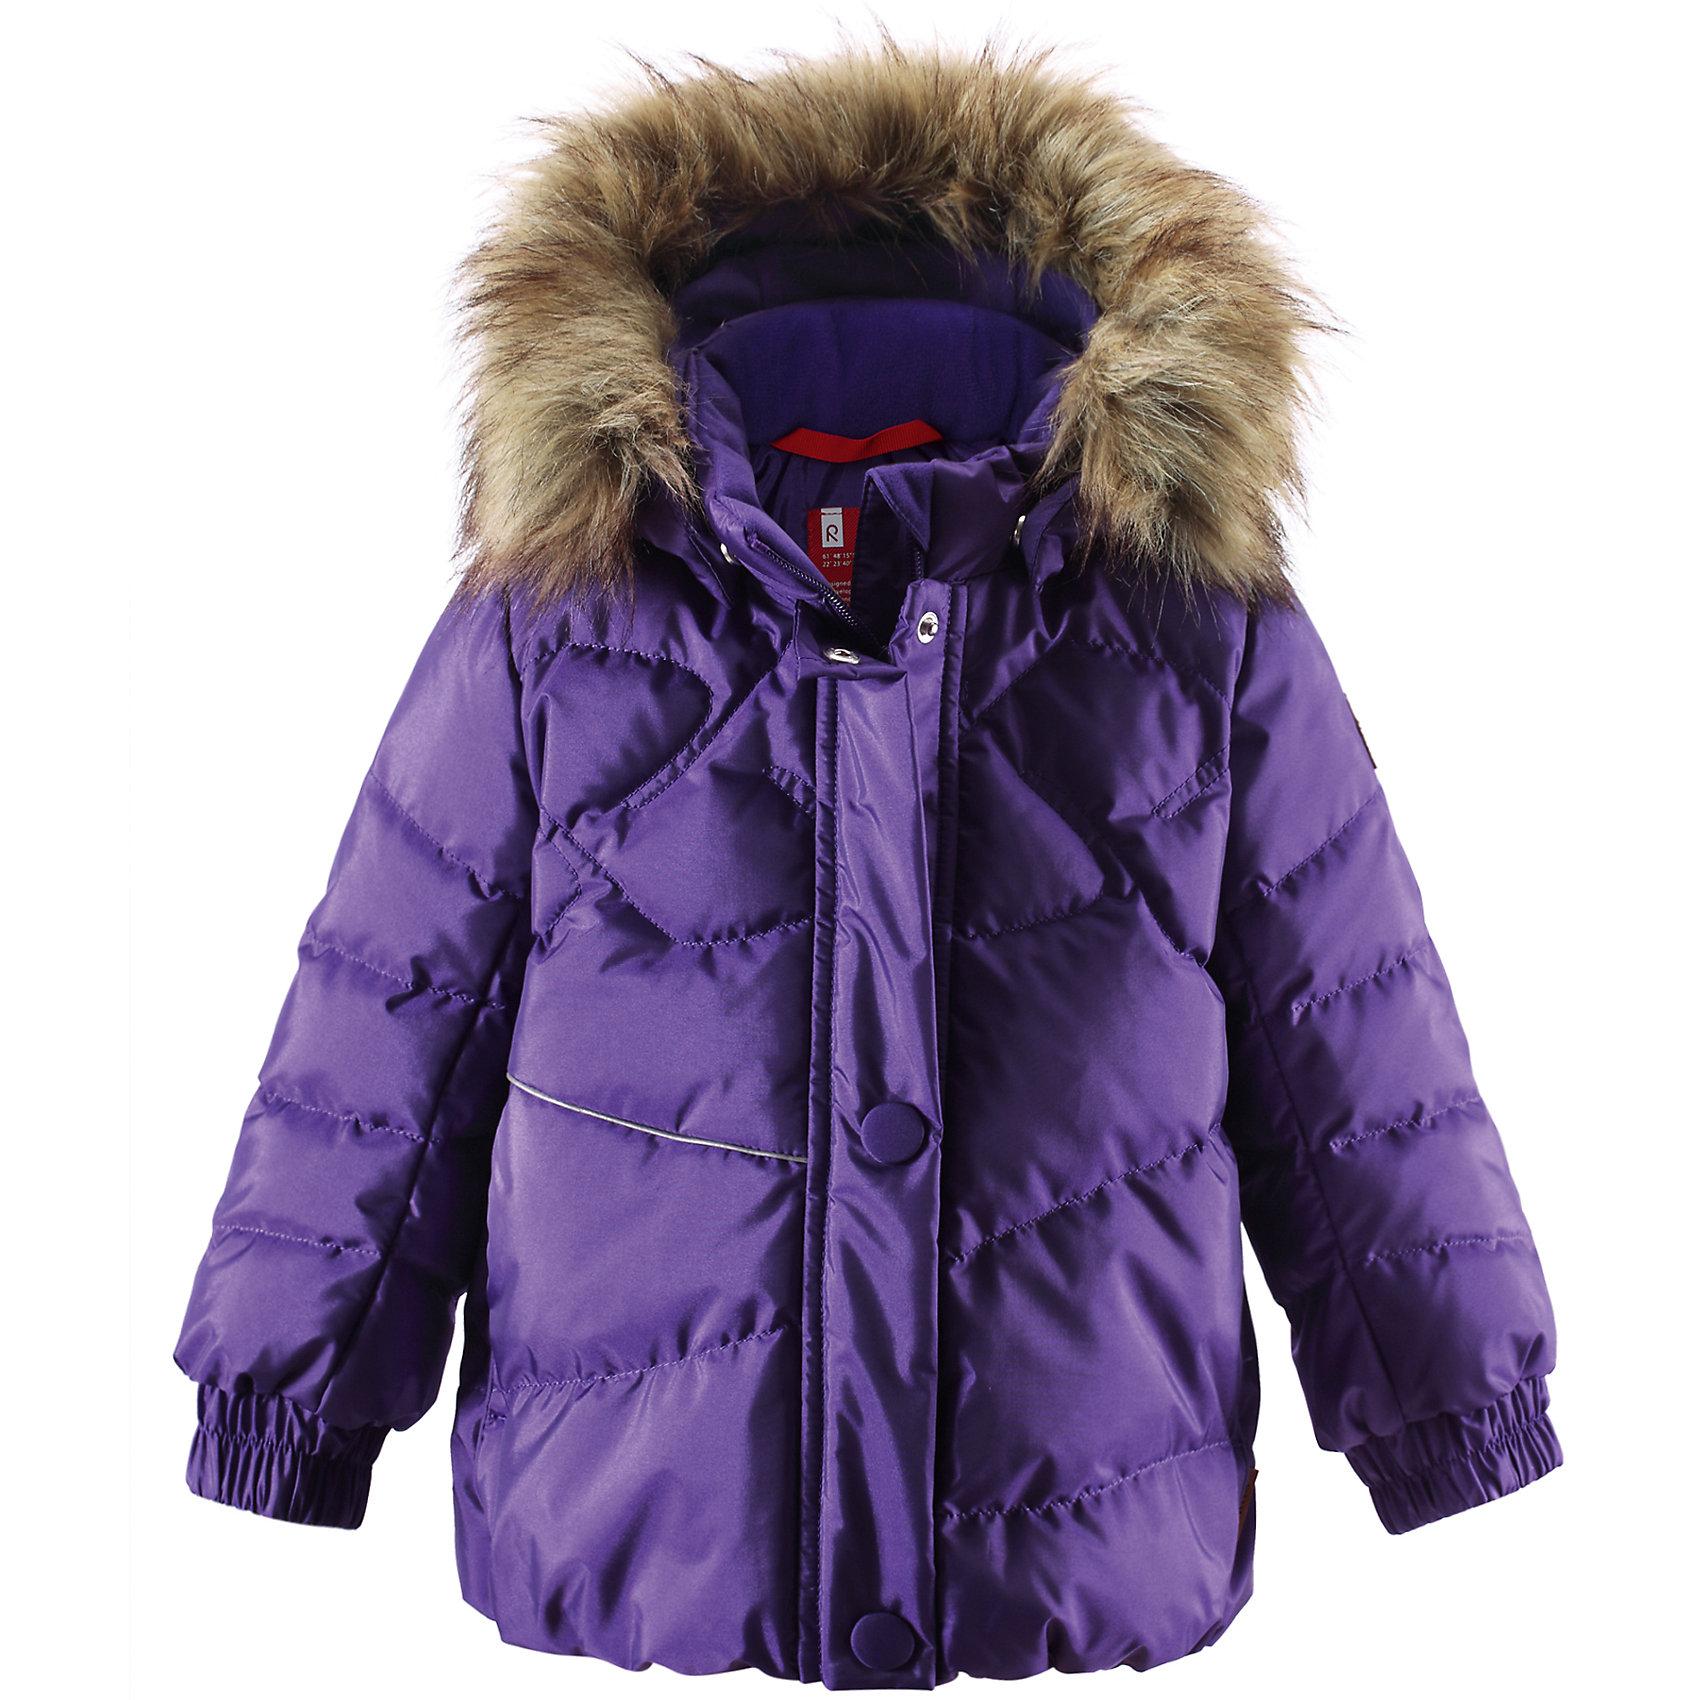 Куртка ReimaОдежда<br>Куртка Reima (Рейма), фиолетовый от известного финского производителя  детской одежды Reima. Зимняя куртка для девочки выполнена сочетания полиамида и полиэстера, что обеспечивает высокую износоустойчивость, водооталкивающие,  грязеотталкивающие и ветрозащитные свойства. Изделие устойчиво к изменению формы и цвета даже при длительном использовании. Куртка имеет классическую форму: прямой силуэт с чуть присборенным низом, воротник-стойка, застежка-молния с защитой у подбородка, капюшон с отделкой из искусственного меха, рукава на резинках. Для лучшей посадки на спинке изделия имеется резинка. Все швы изделия прокленные, что обеспечивает дополнительную защиту от влаги и ветра. Куртка выполнена в модном фиолетовом цвете. Изделие имеет высокую степень утепления, можно носить при температуре до -30 градусов мороза.<br><br>Дополнительная информация:<br><br>- Предназначение: повседневная одежда для прогулок и активного отдыха<br>- Цвет: фиолетовый<br>- Пол: для девочки<br>- Состав: 55% полиамид, 45% полиэстер <br>- Сезон: зима<br>- Особенности ухода: стирать изделие, предварительно вывернув его на левую сторону, не использовать отбеливающие вещества<br><br>Подробнее:<br><br>• Для детей в возрасте: от 2 лет и до 3 лет<br>• Страна производитель: Китай<br>• Торговый бренд: Reima, Финляндия<br><br>Куртку Reima (Рейма), фиолетовый можно купить в нашем интернет-магазине.<br><br>Ширина мм: 356<br>Глубина мм: 10<br>Высота мм: 245<br>Вес г: 519<br>Цвет: лиловый<br>Возраст от месяцев: 12<br>Возраст до месяцев: 18<br>Пол: Женский<br>Возраст: Детский<br>Размер: 86,80,92,98<br>SKU: 4869644